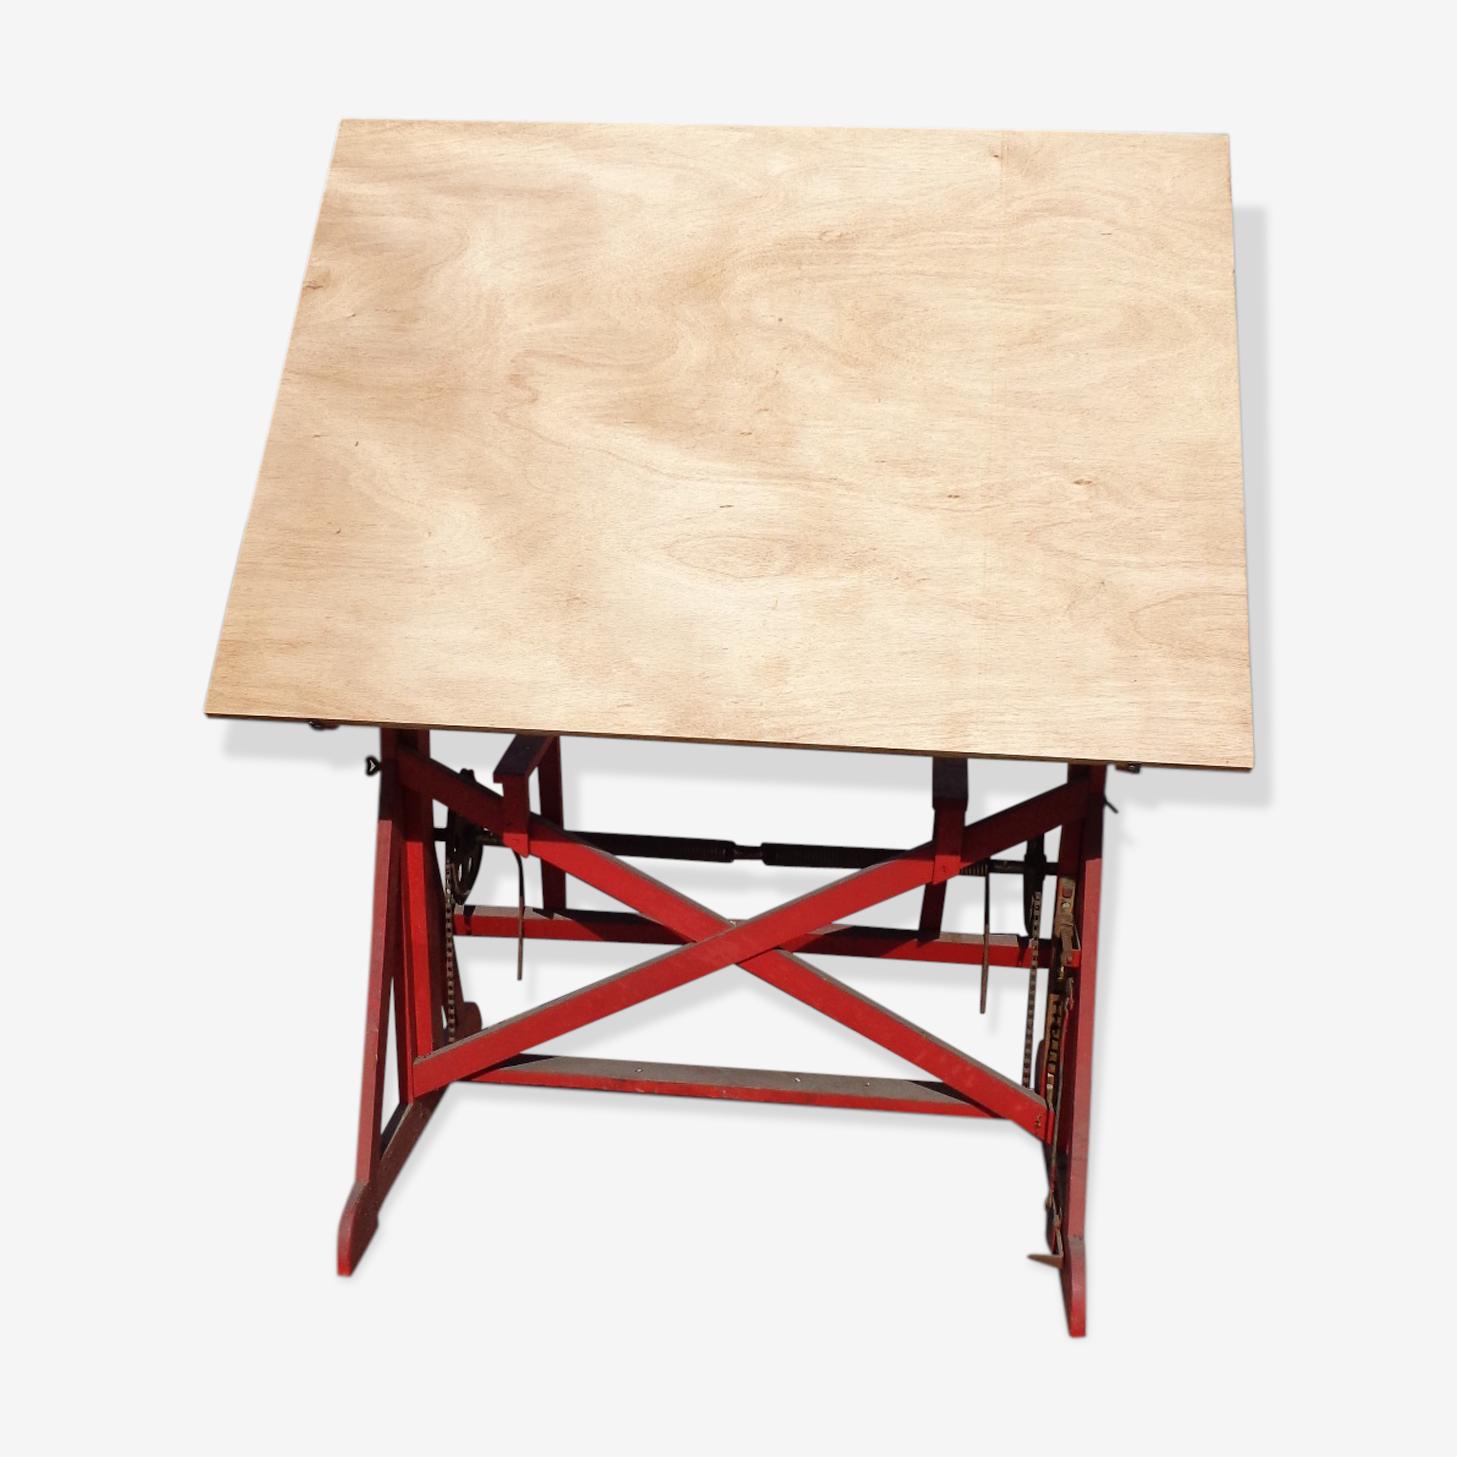 Table D Architecte En Bois table d'architecte tout bois - bois (matériau) - rouge - industriel